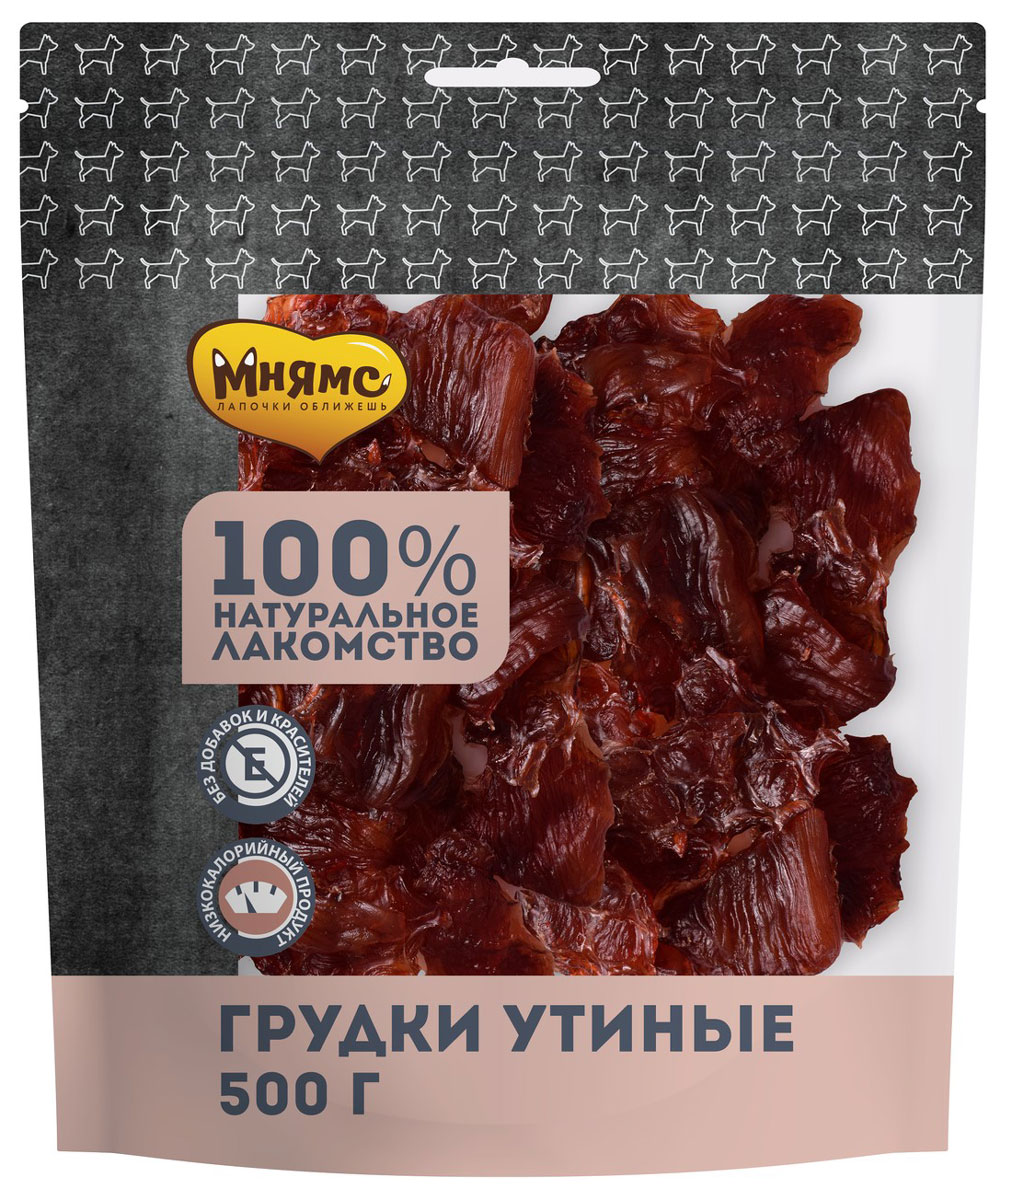 Лакомство мнямс для собак грудки утиные сушеные 500 гр  (1 шт)